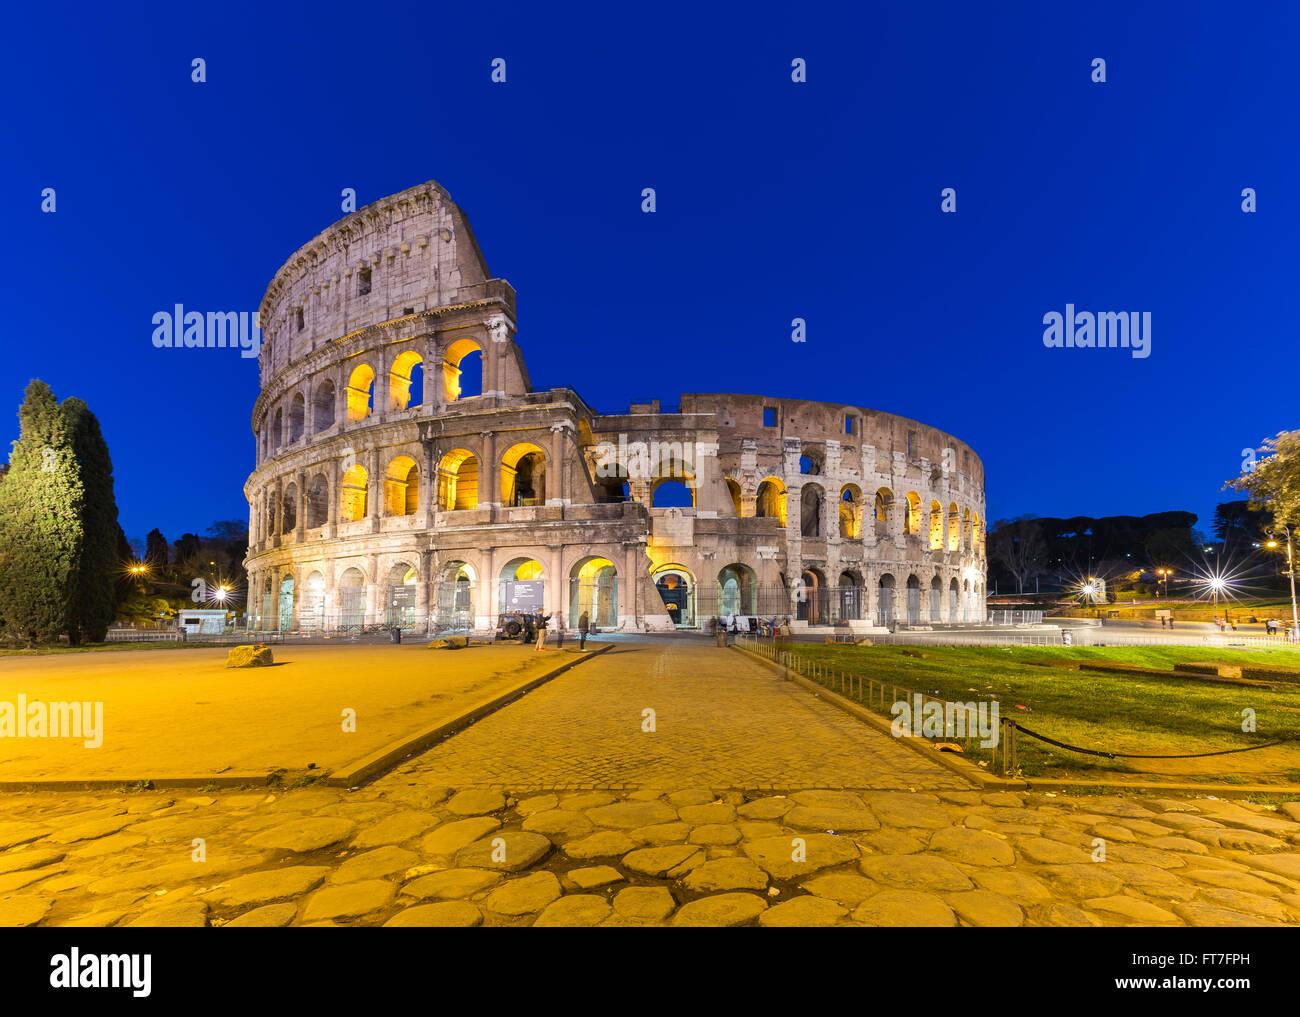 Colosseo in una notte d'estate a Roma, Italia. Immagini Stock